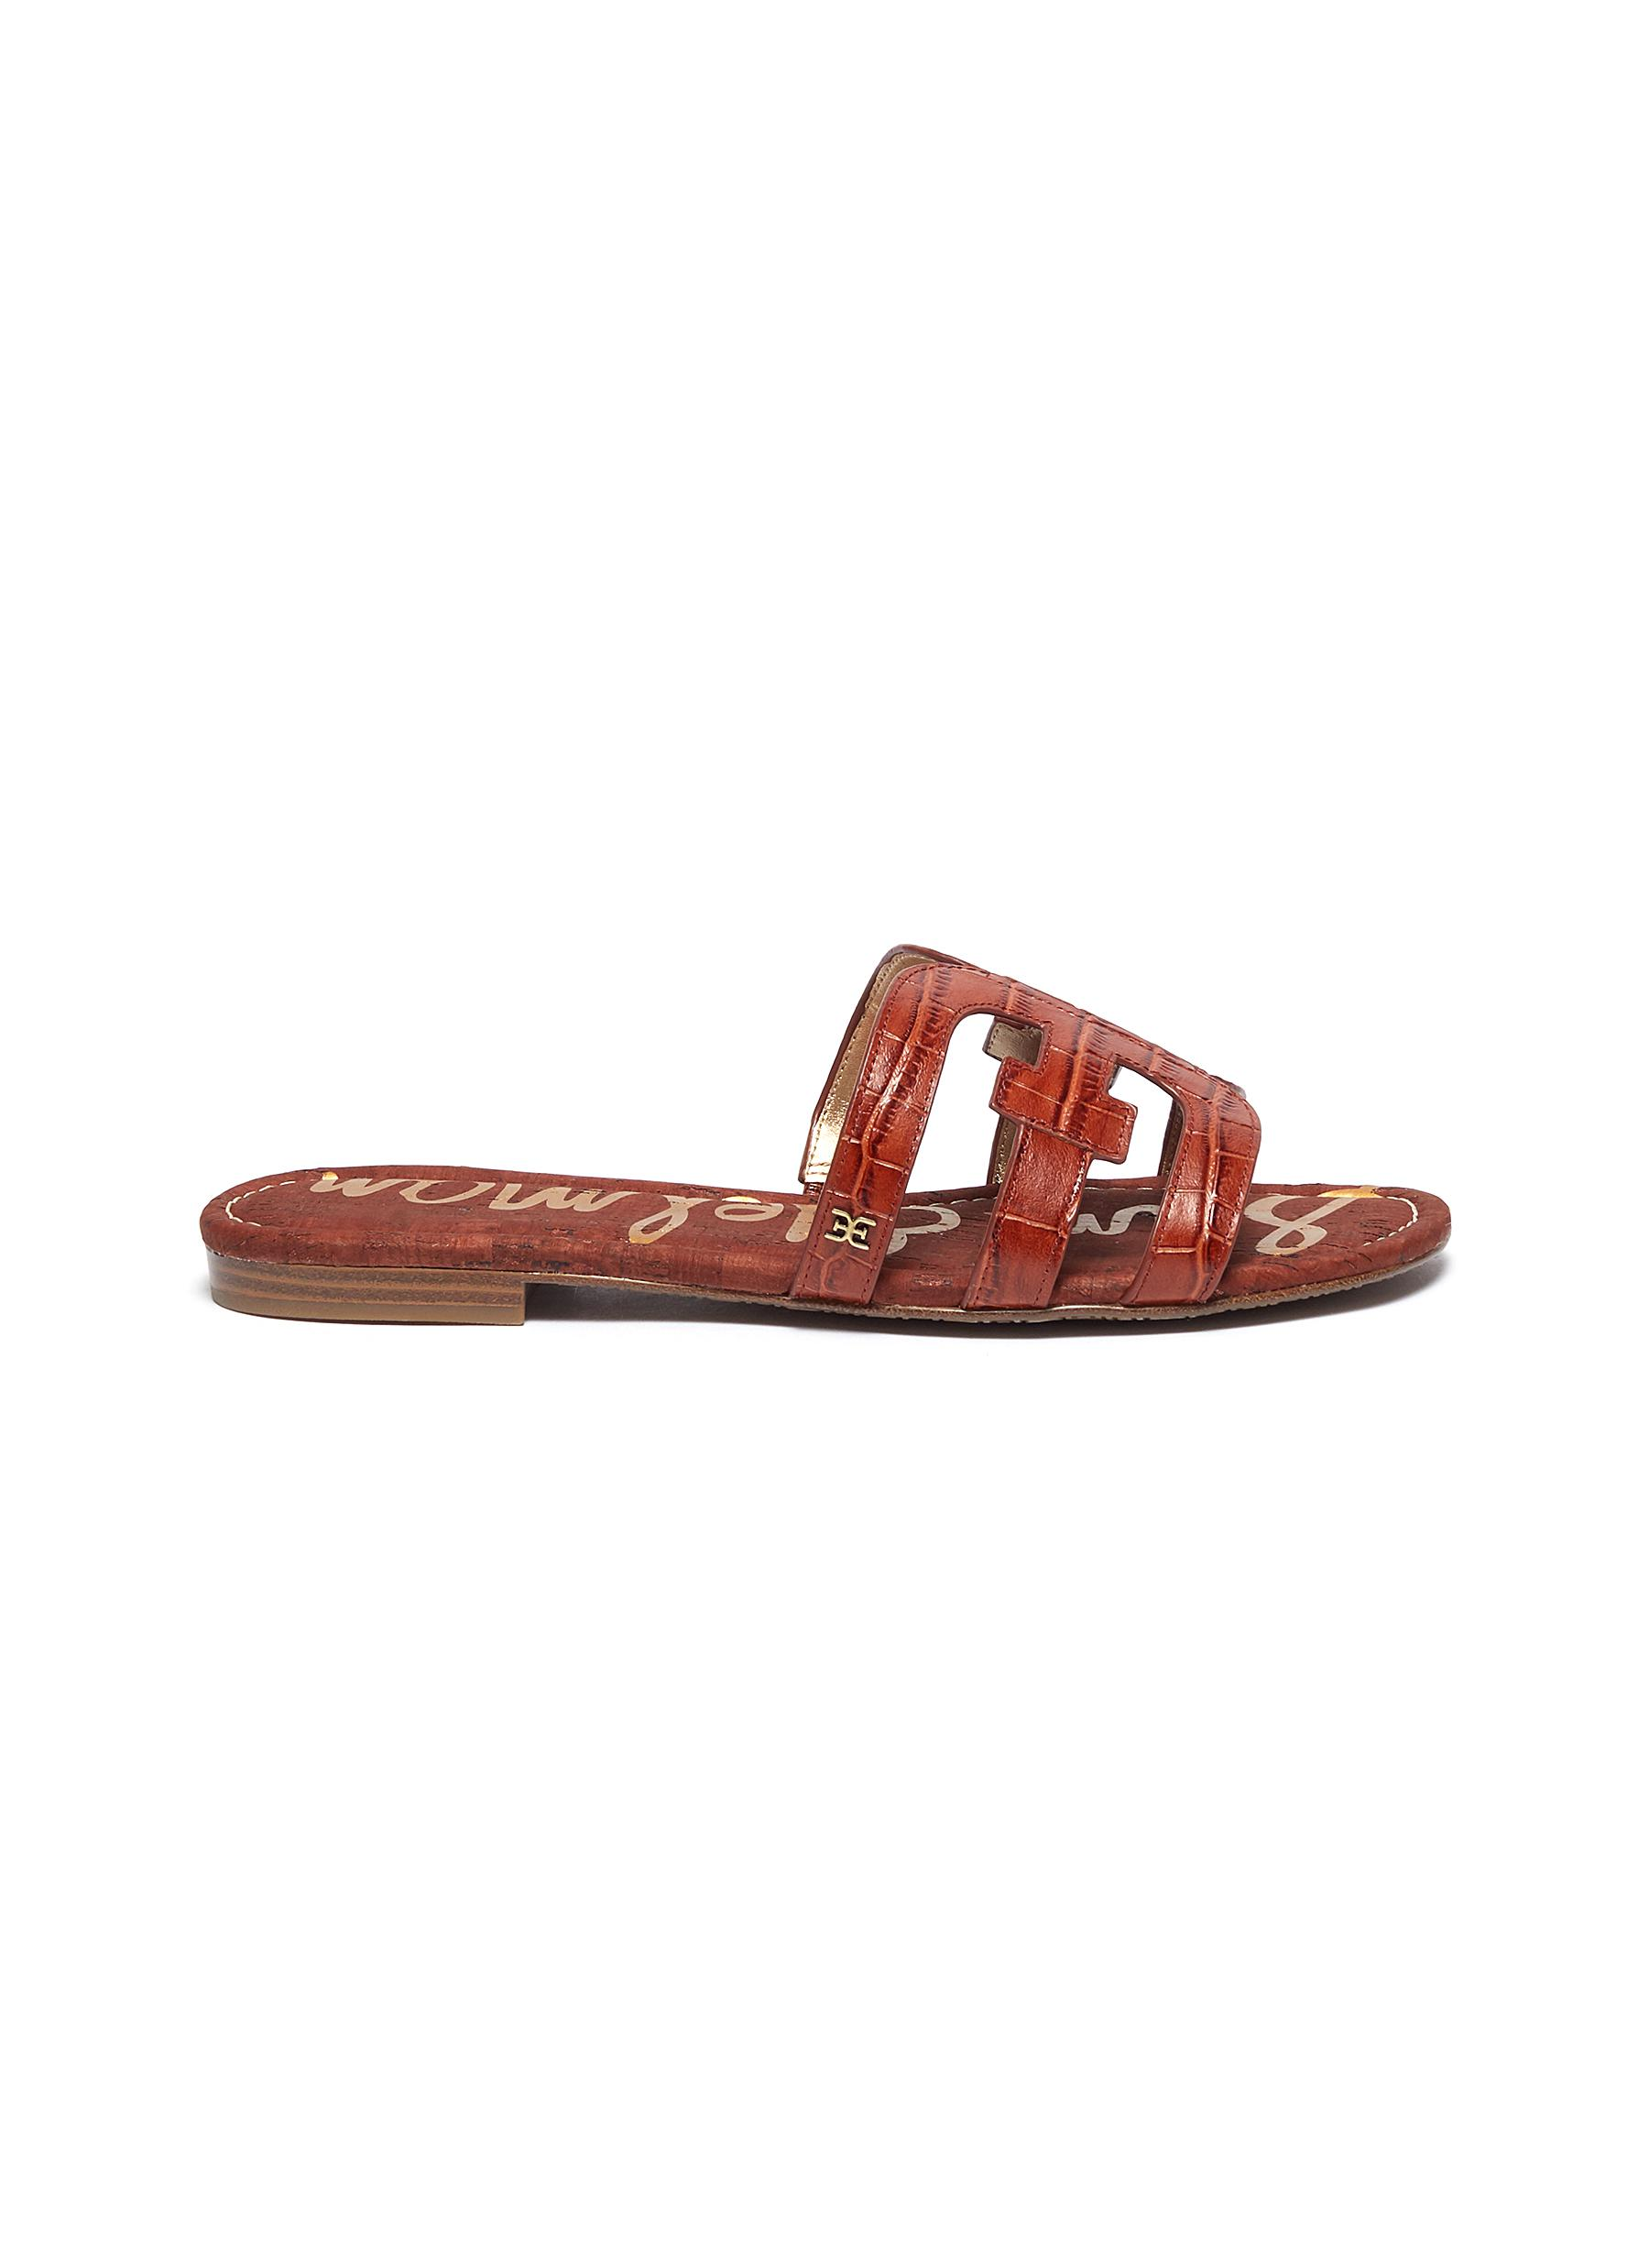 Sam Edelman Flats Bay croc embossed leather slide sandals